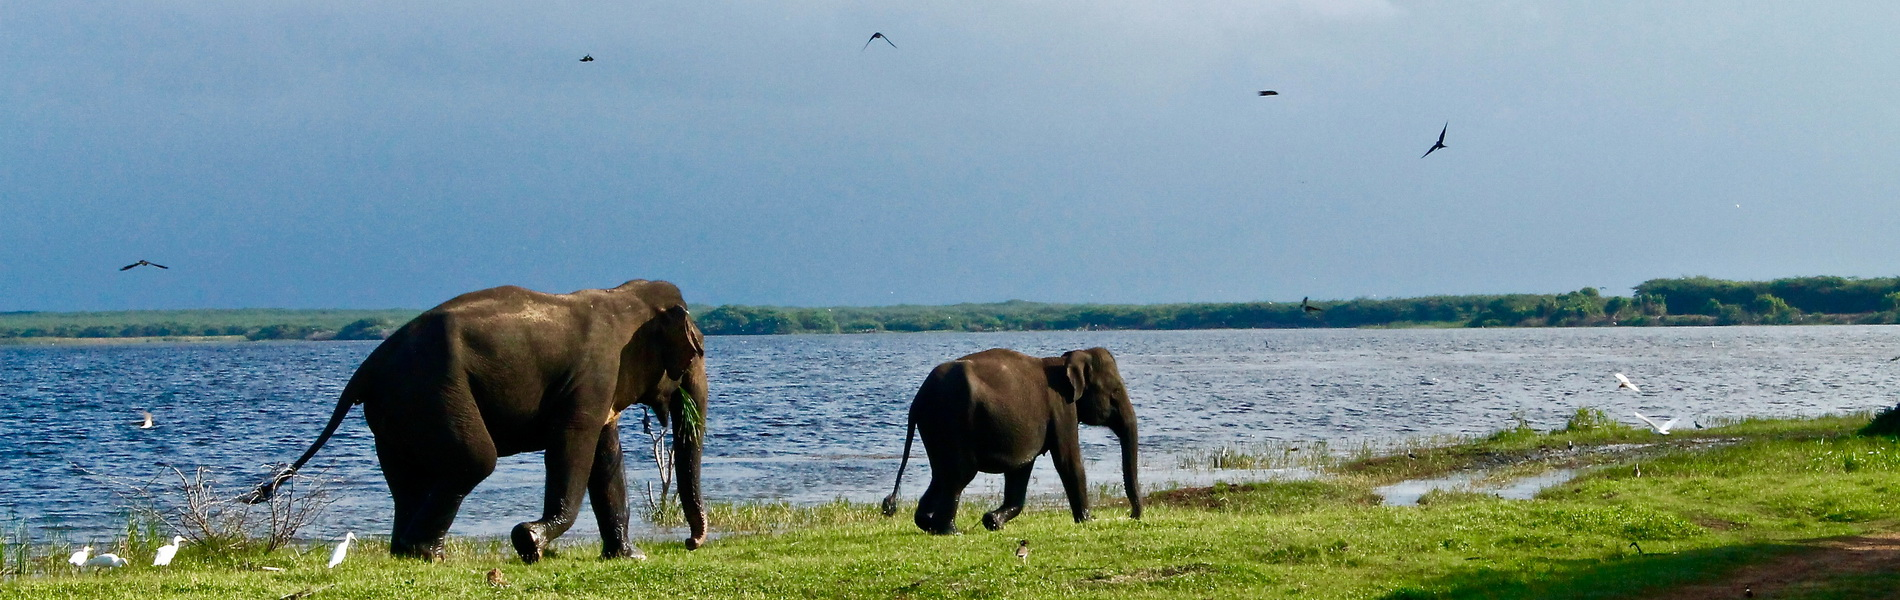 Nachhaltigkeit und Rücksicht auf die Kultur im Tourismus